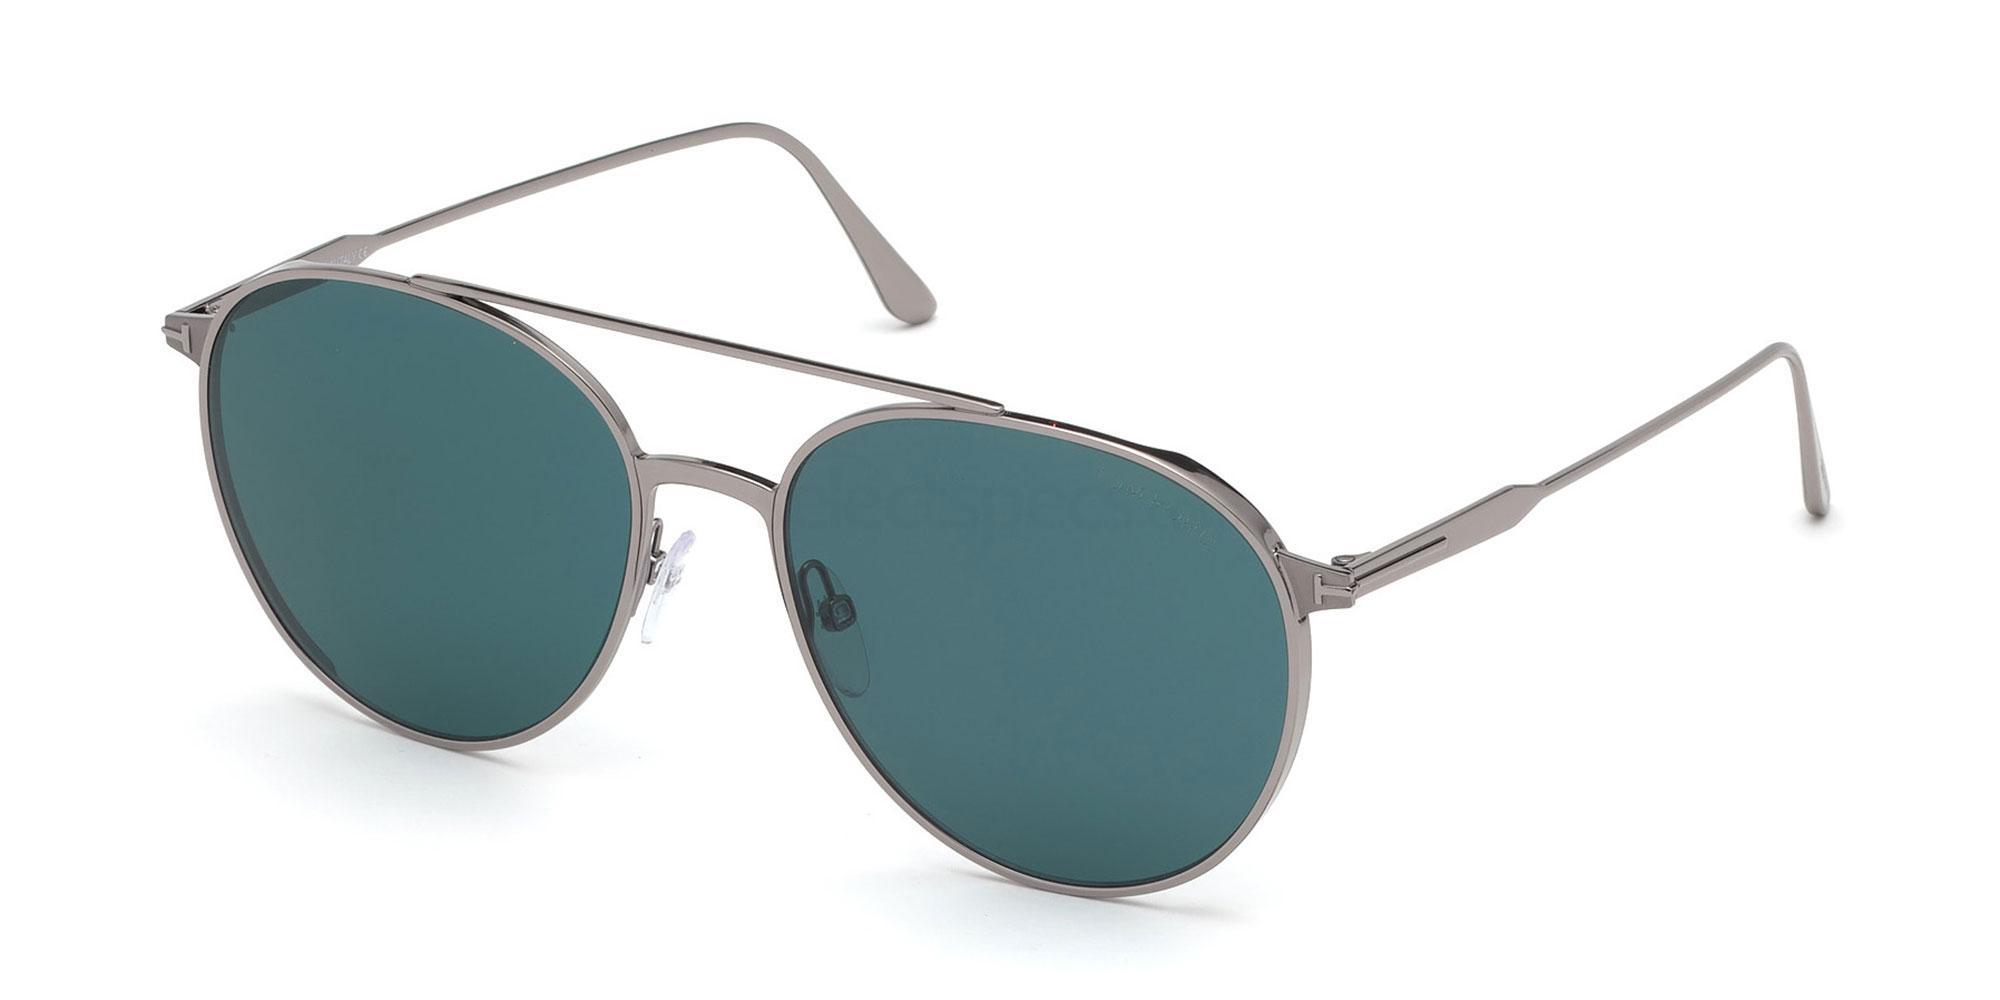 14V FT0691 Sunglasses, Tom Ford